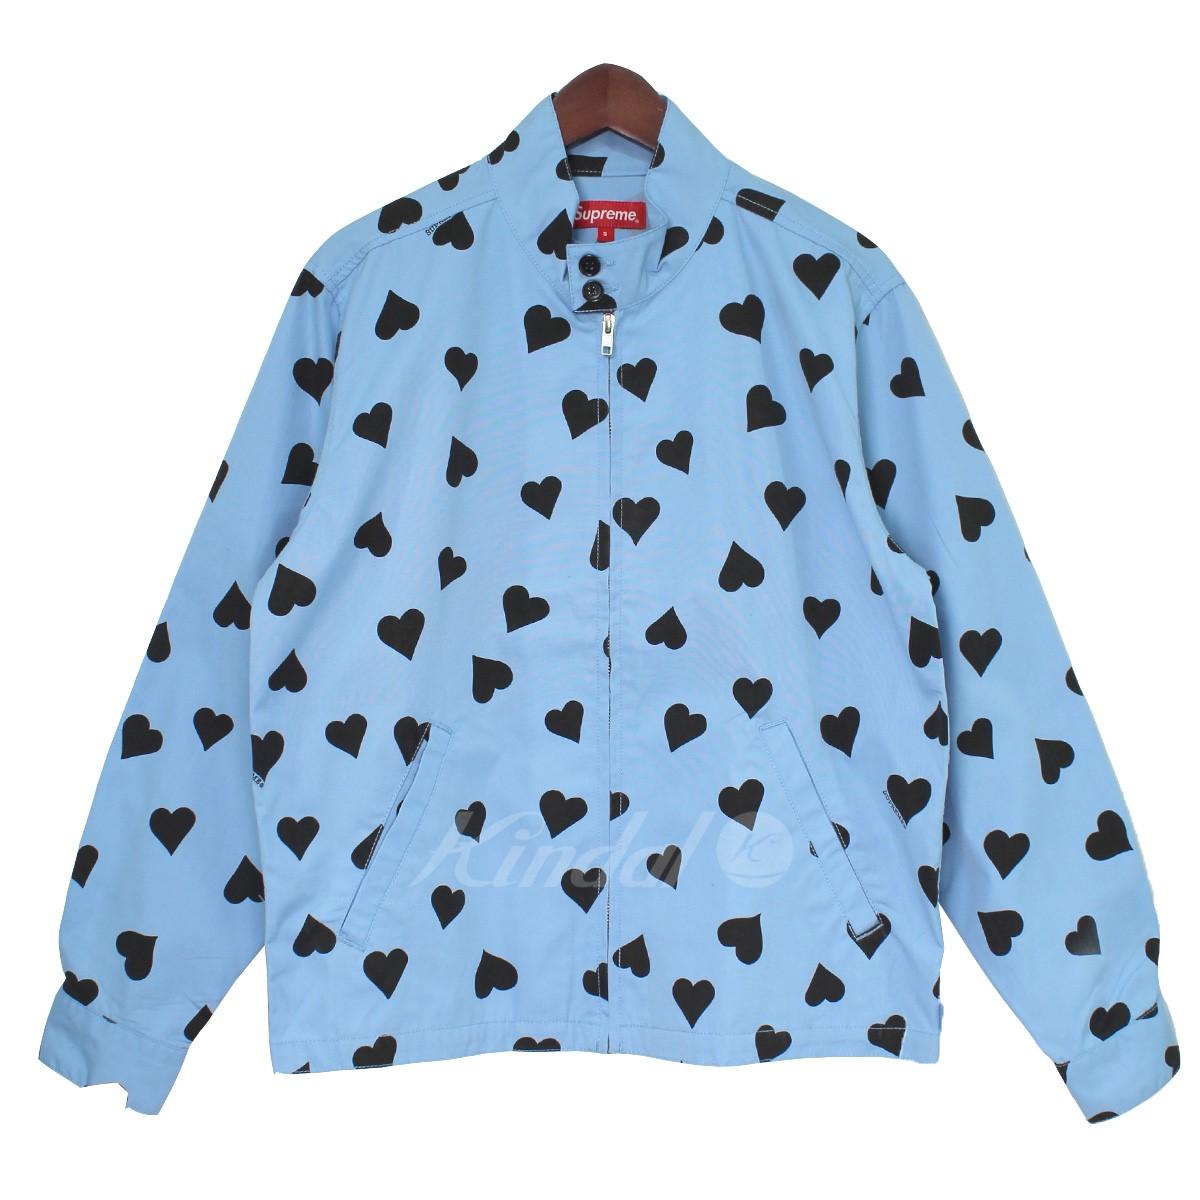 【中古】SUPREME 17SS Hearts Harrington Jacket ハート総柄スイングトップジャケット ブルー サイズ:S 【送料無料】 【130319】(シュプリーム)